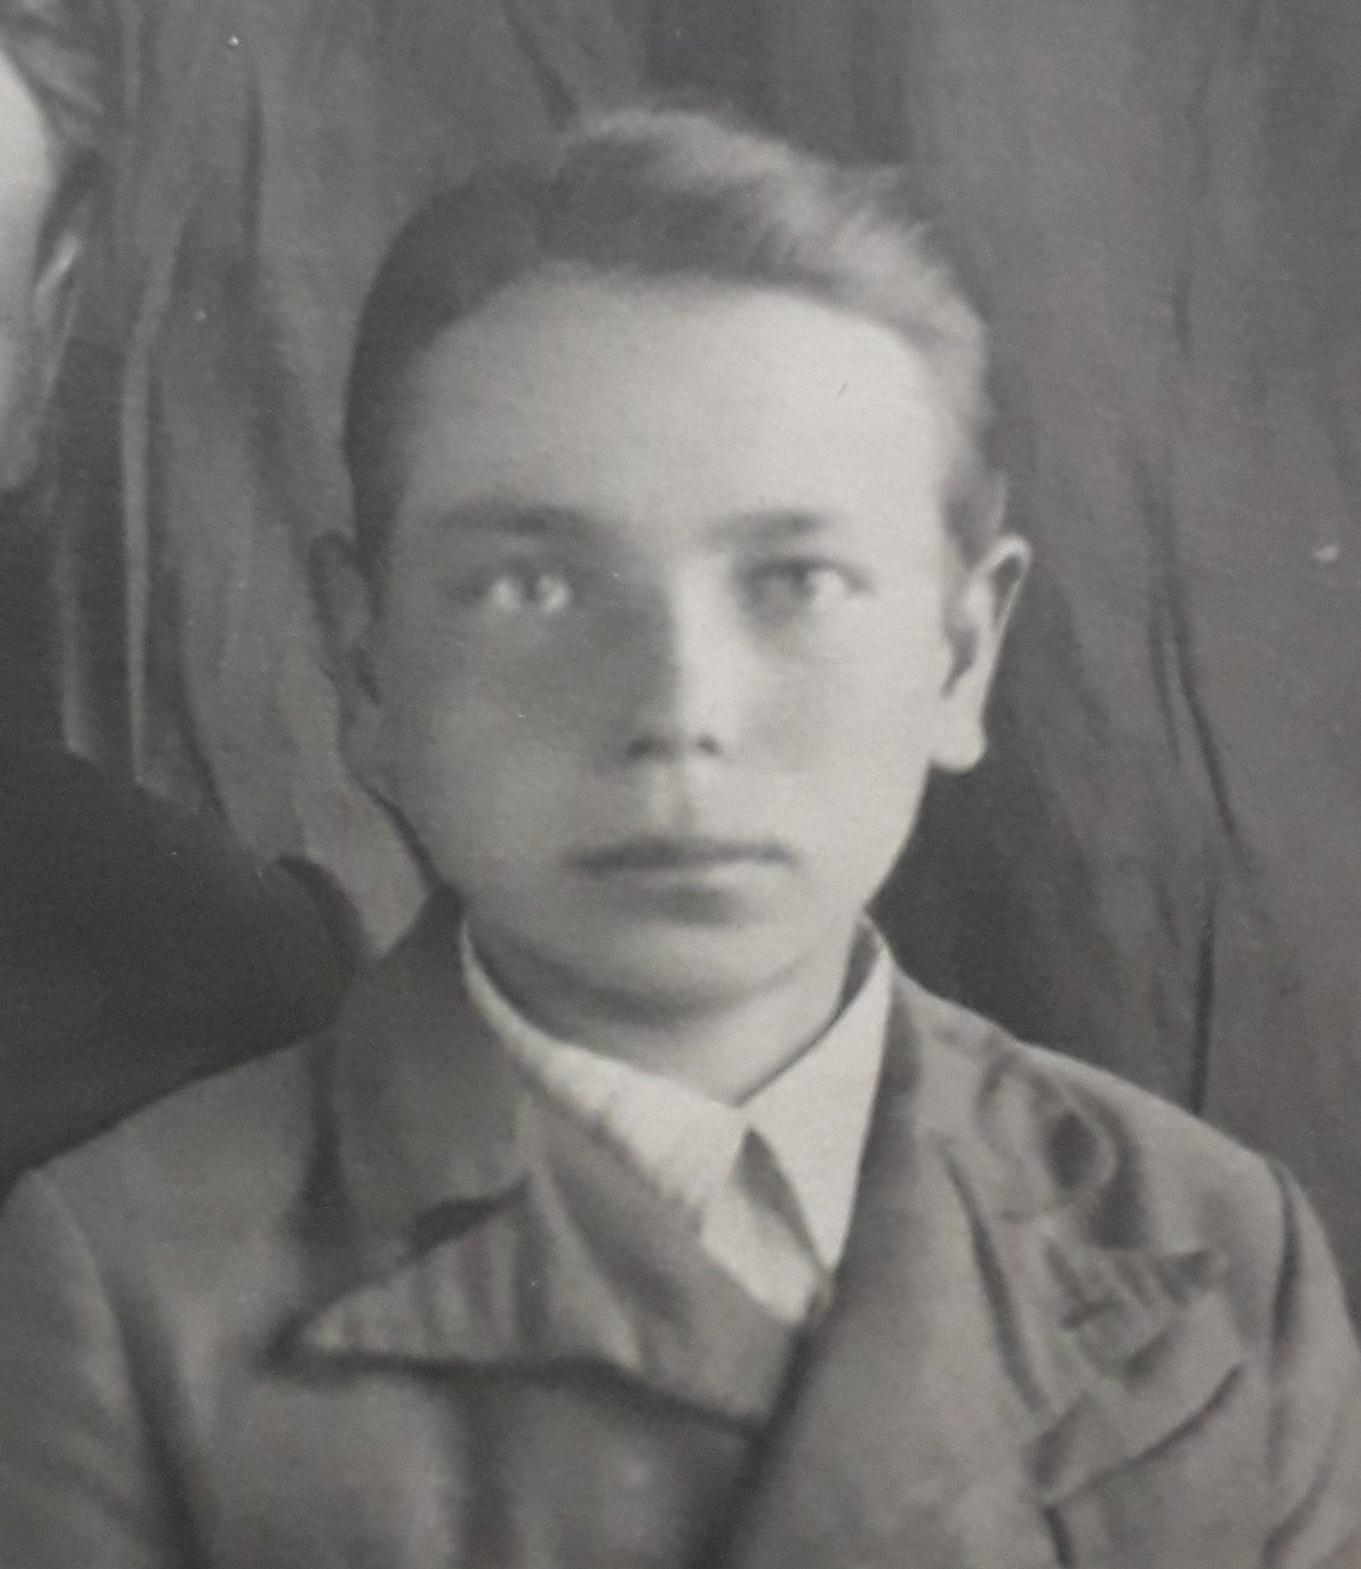 Балакин Павел Фёдорович